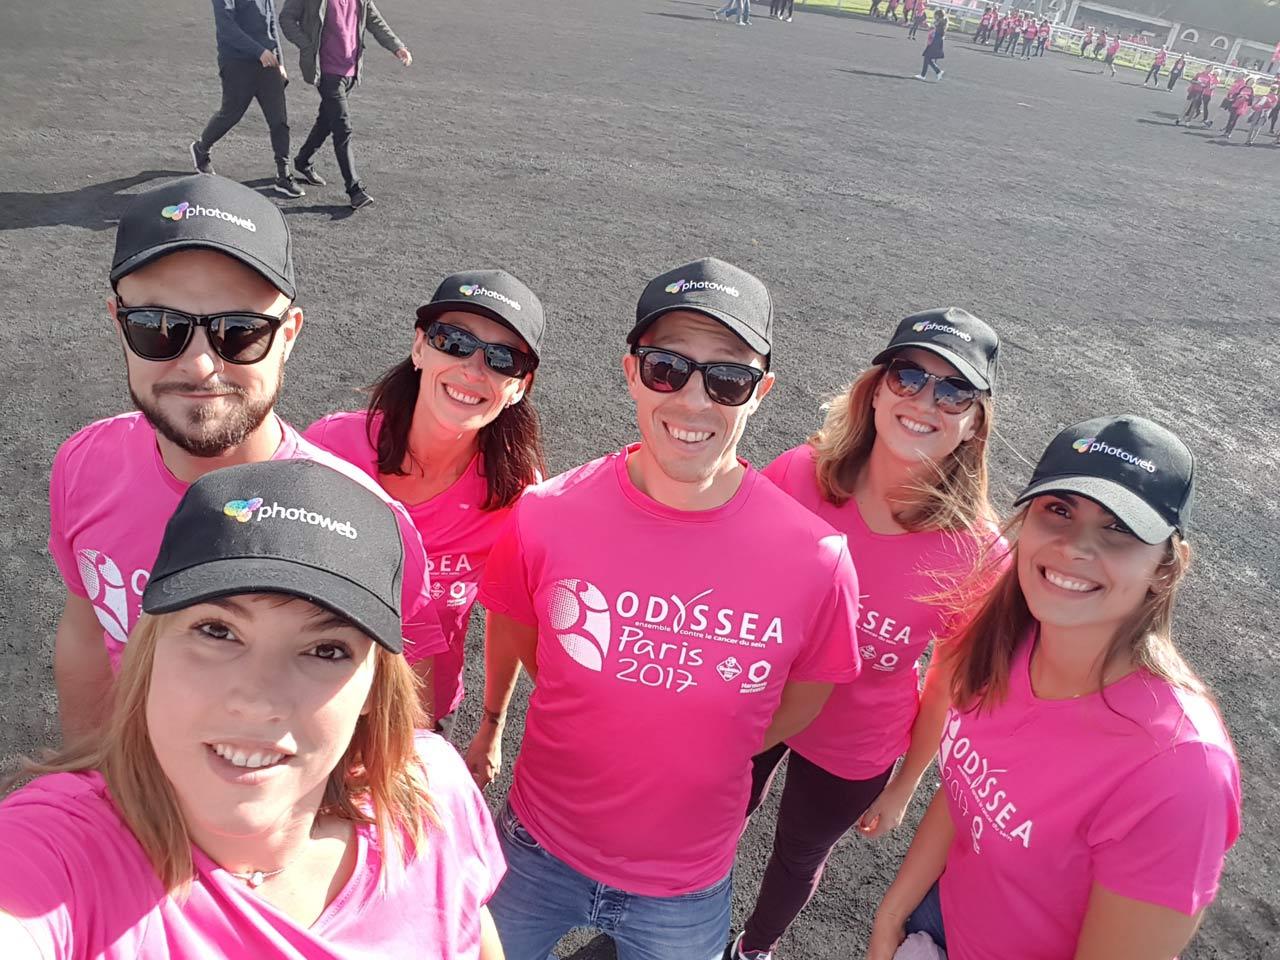 équipe photoweb odyssea